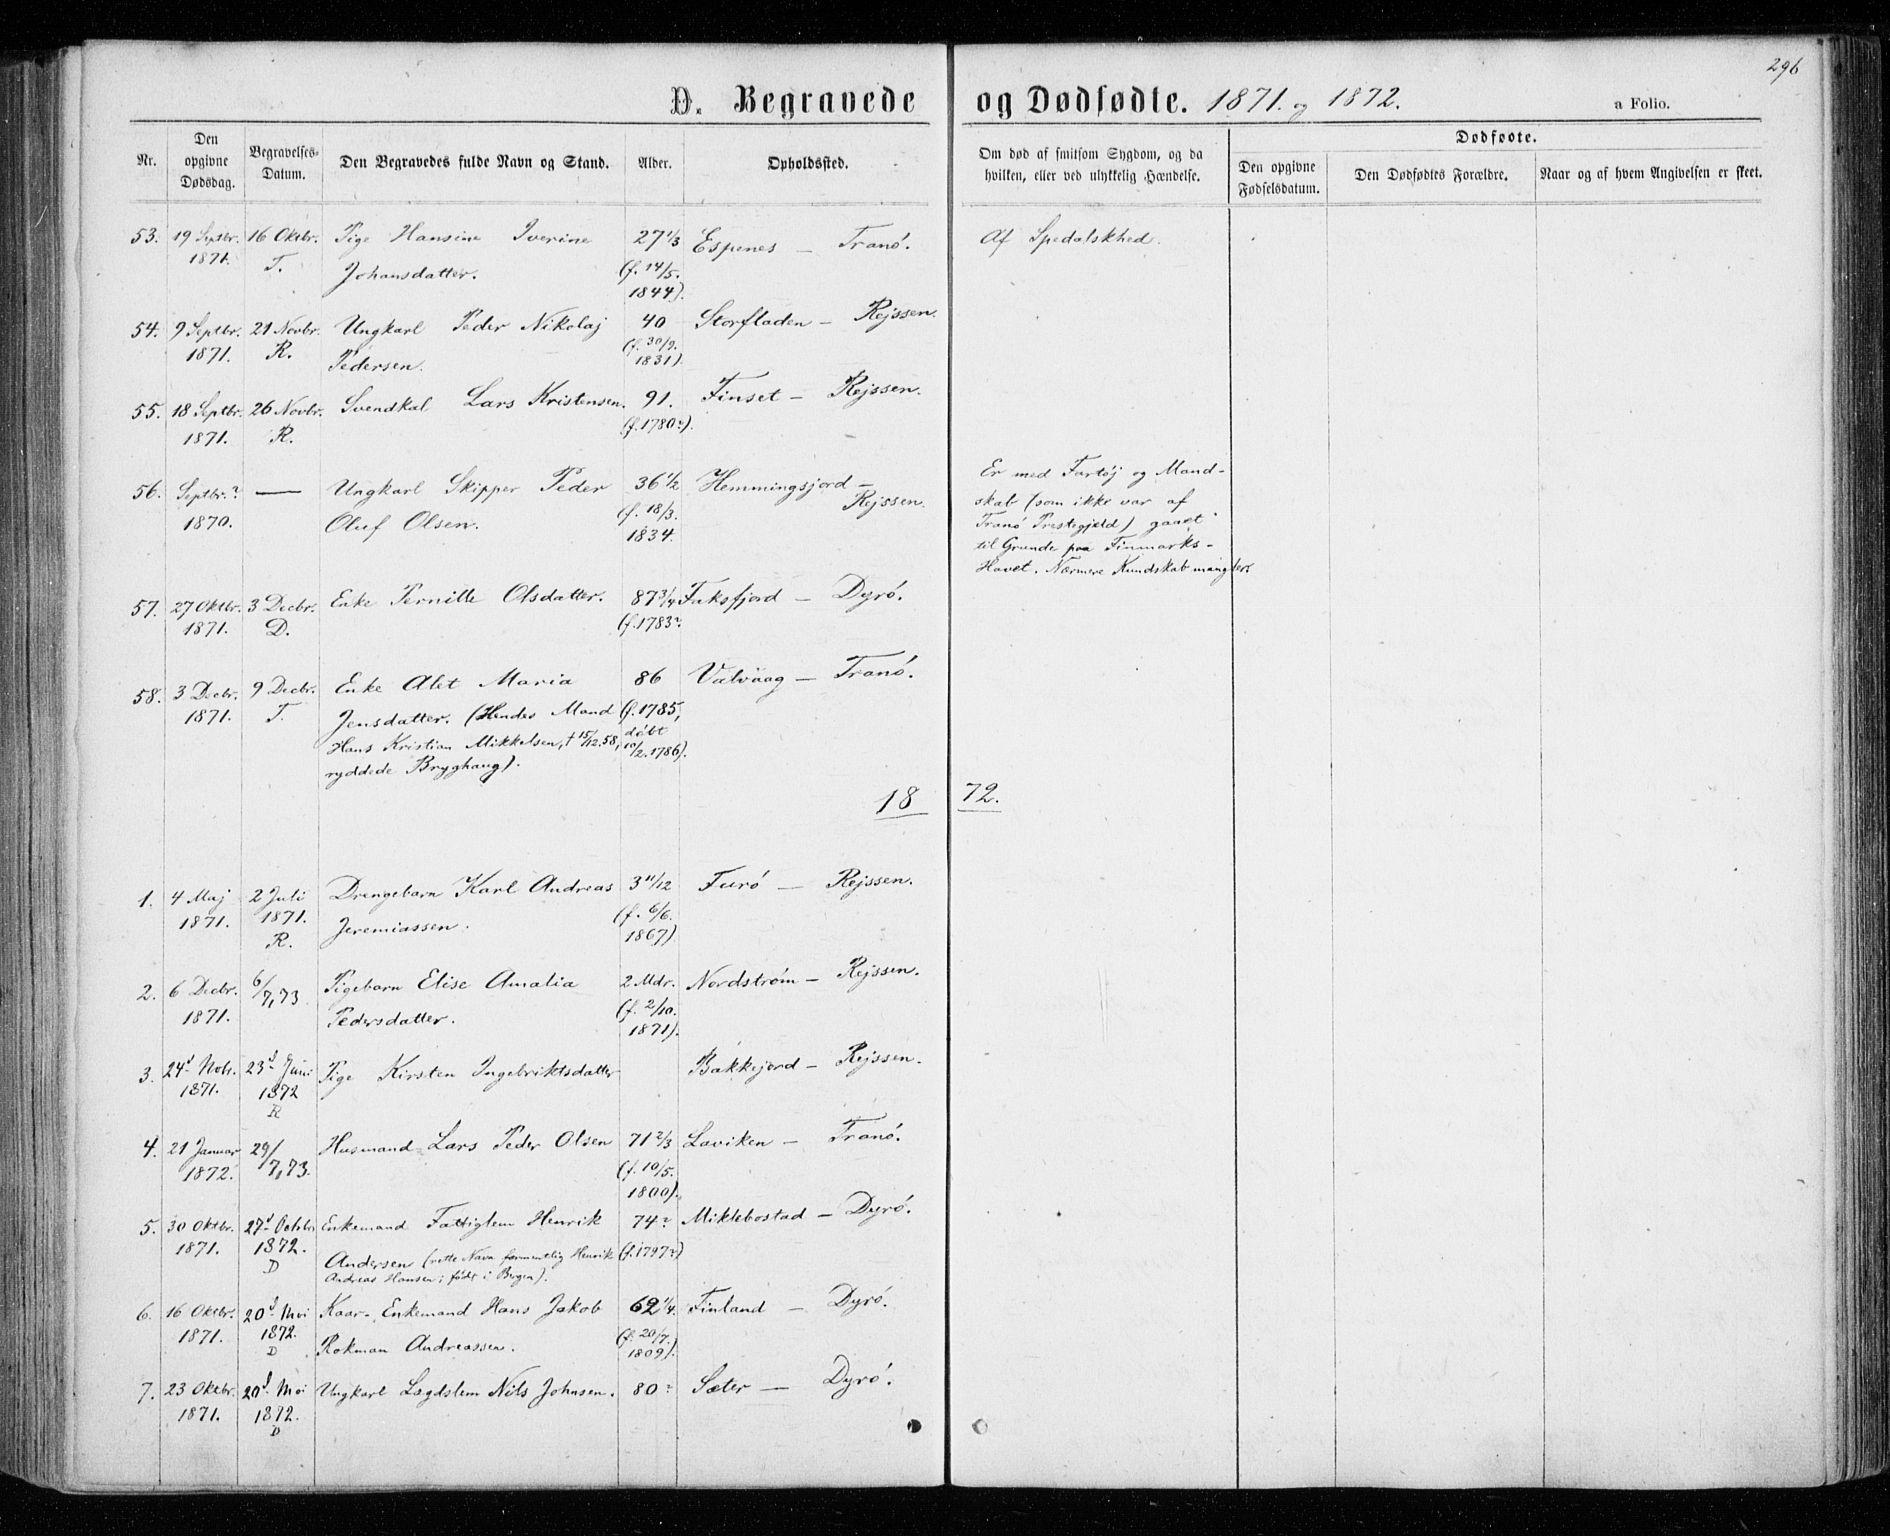 SATØ, Tranøy sokneprestkontor, I/Ia/Iaa/L0008kirke: Parish register (official) no. 8, 1867-1877, p. 296